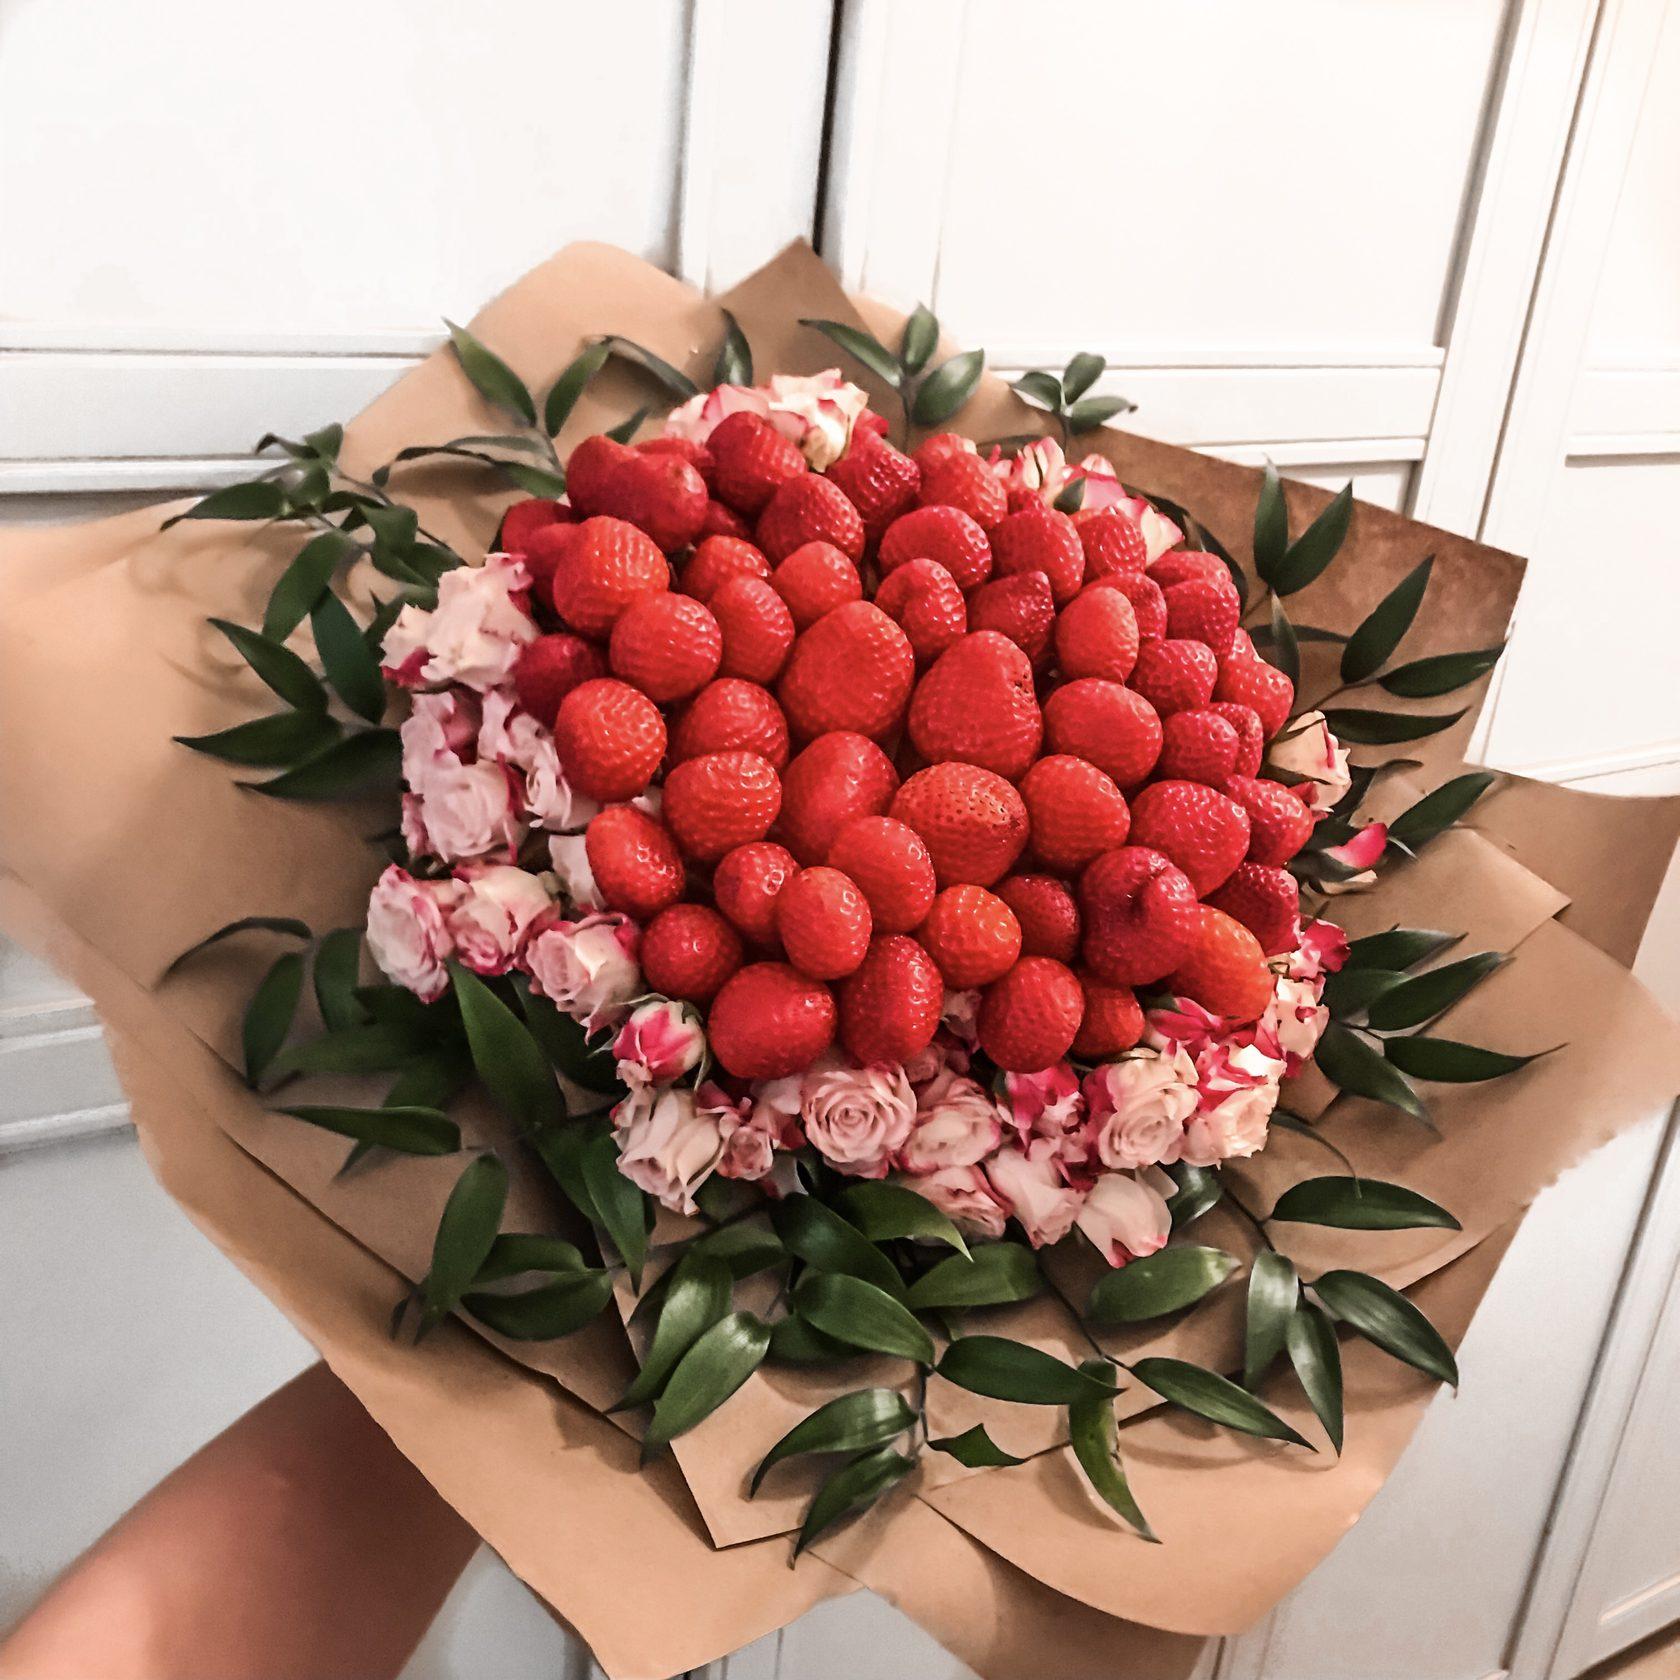 Как оформить в букет деньги и ягоды